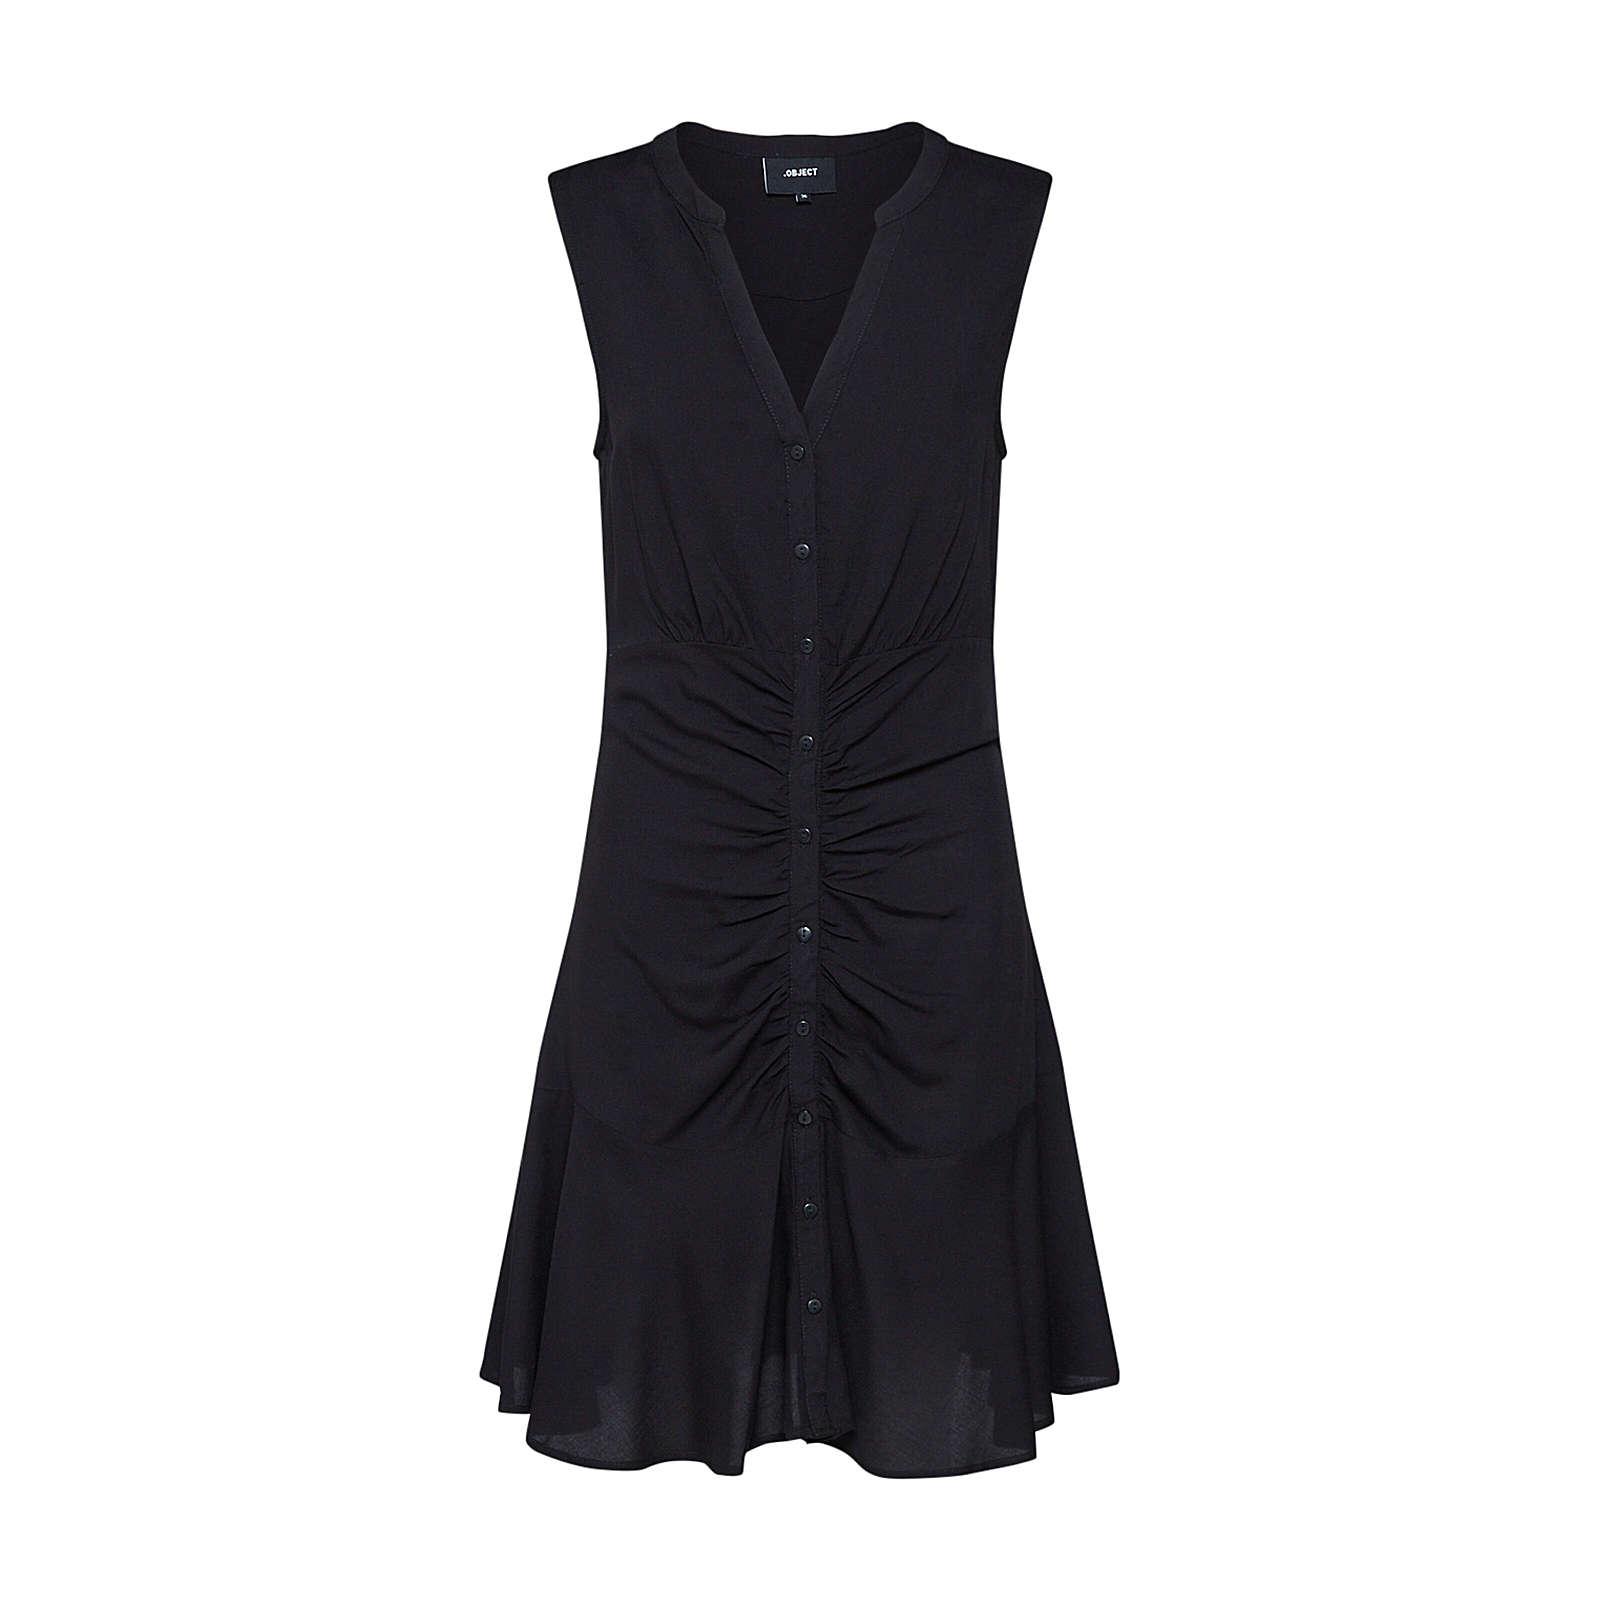 OBJECT Blusenkleid OBJCLARISSA Blusenkleider schwarz Damen Gr. 36